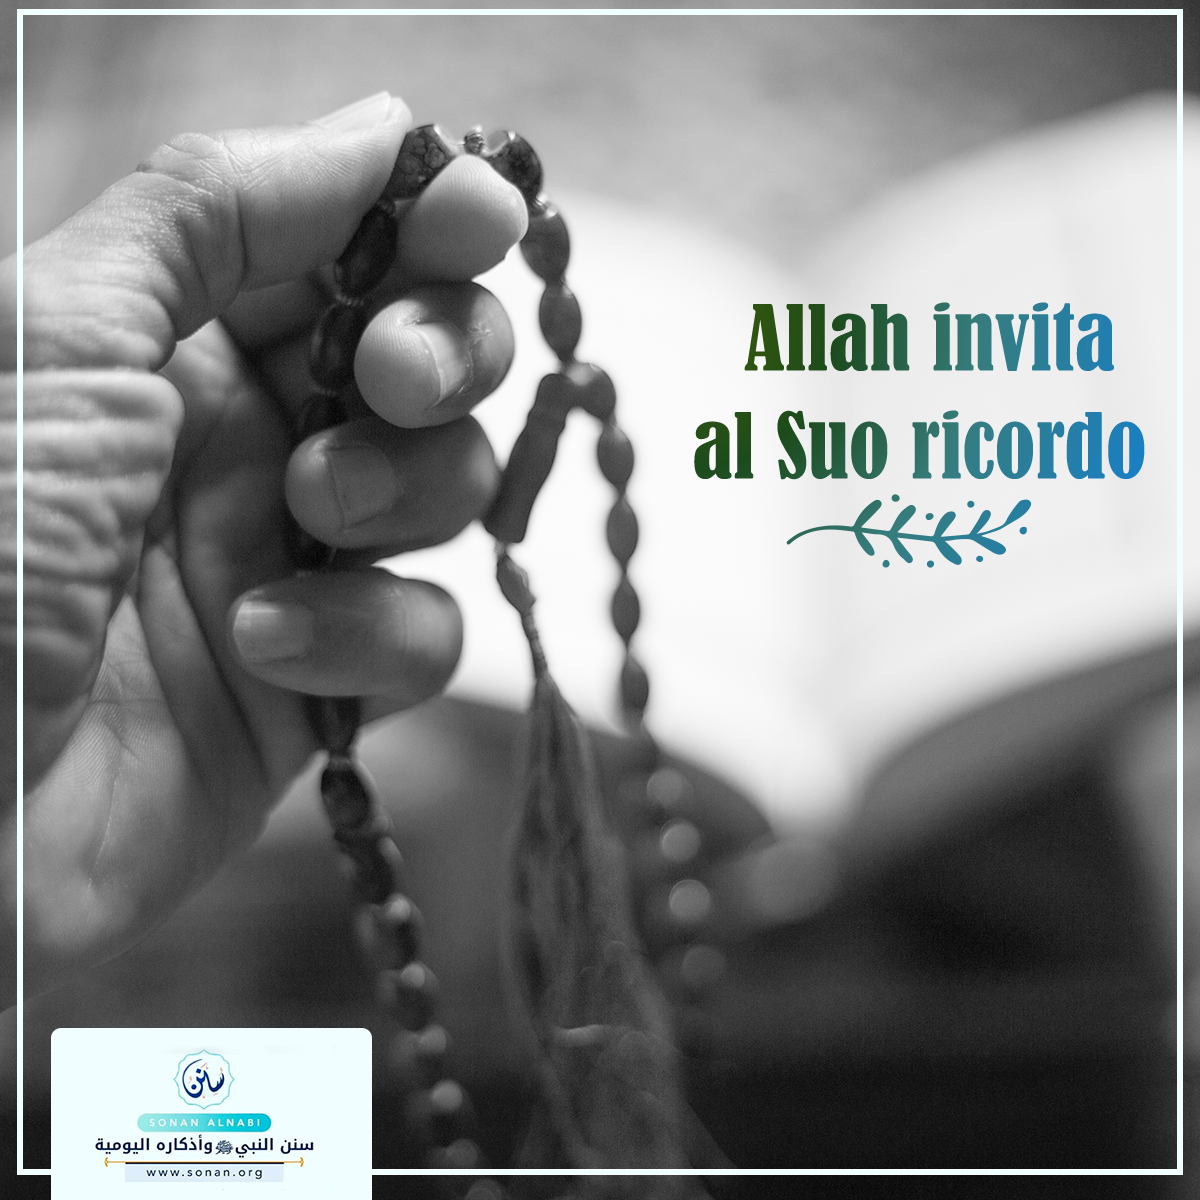 Allah invita al Suo ricordo